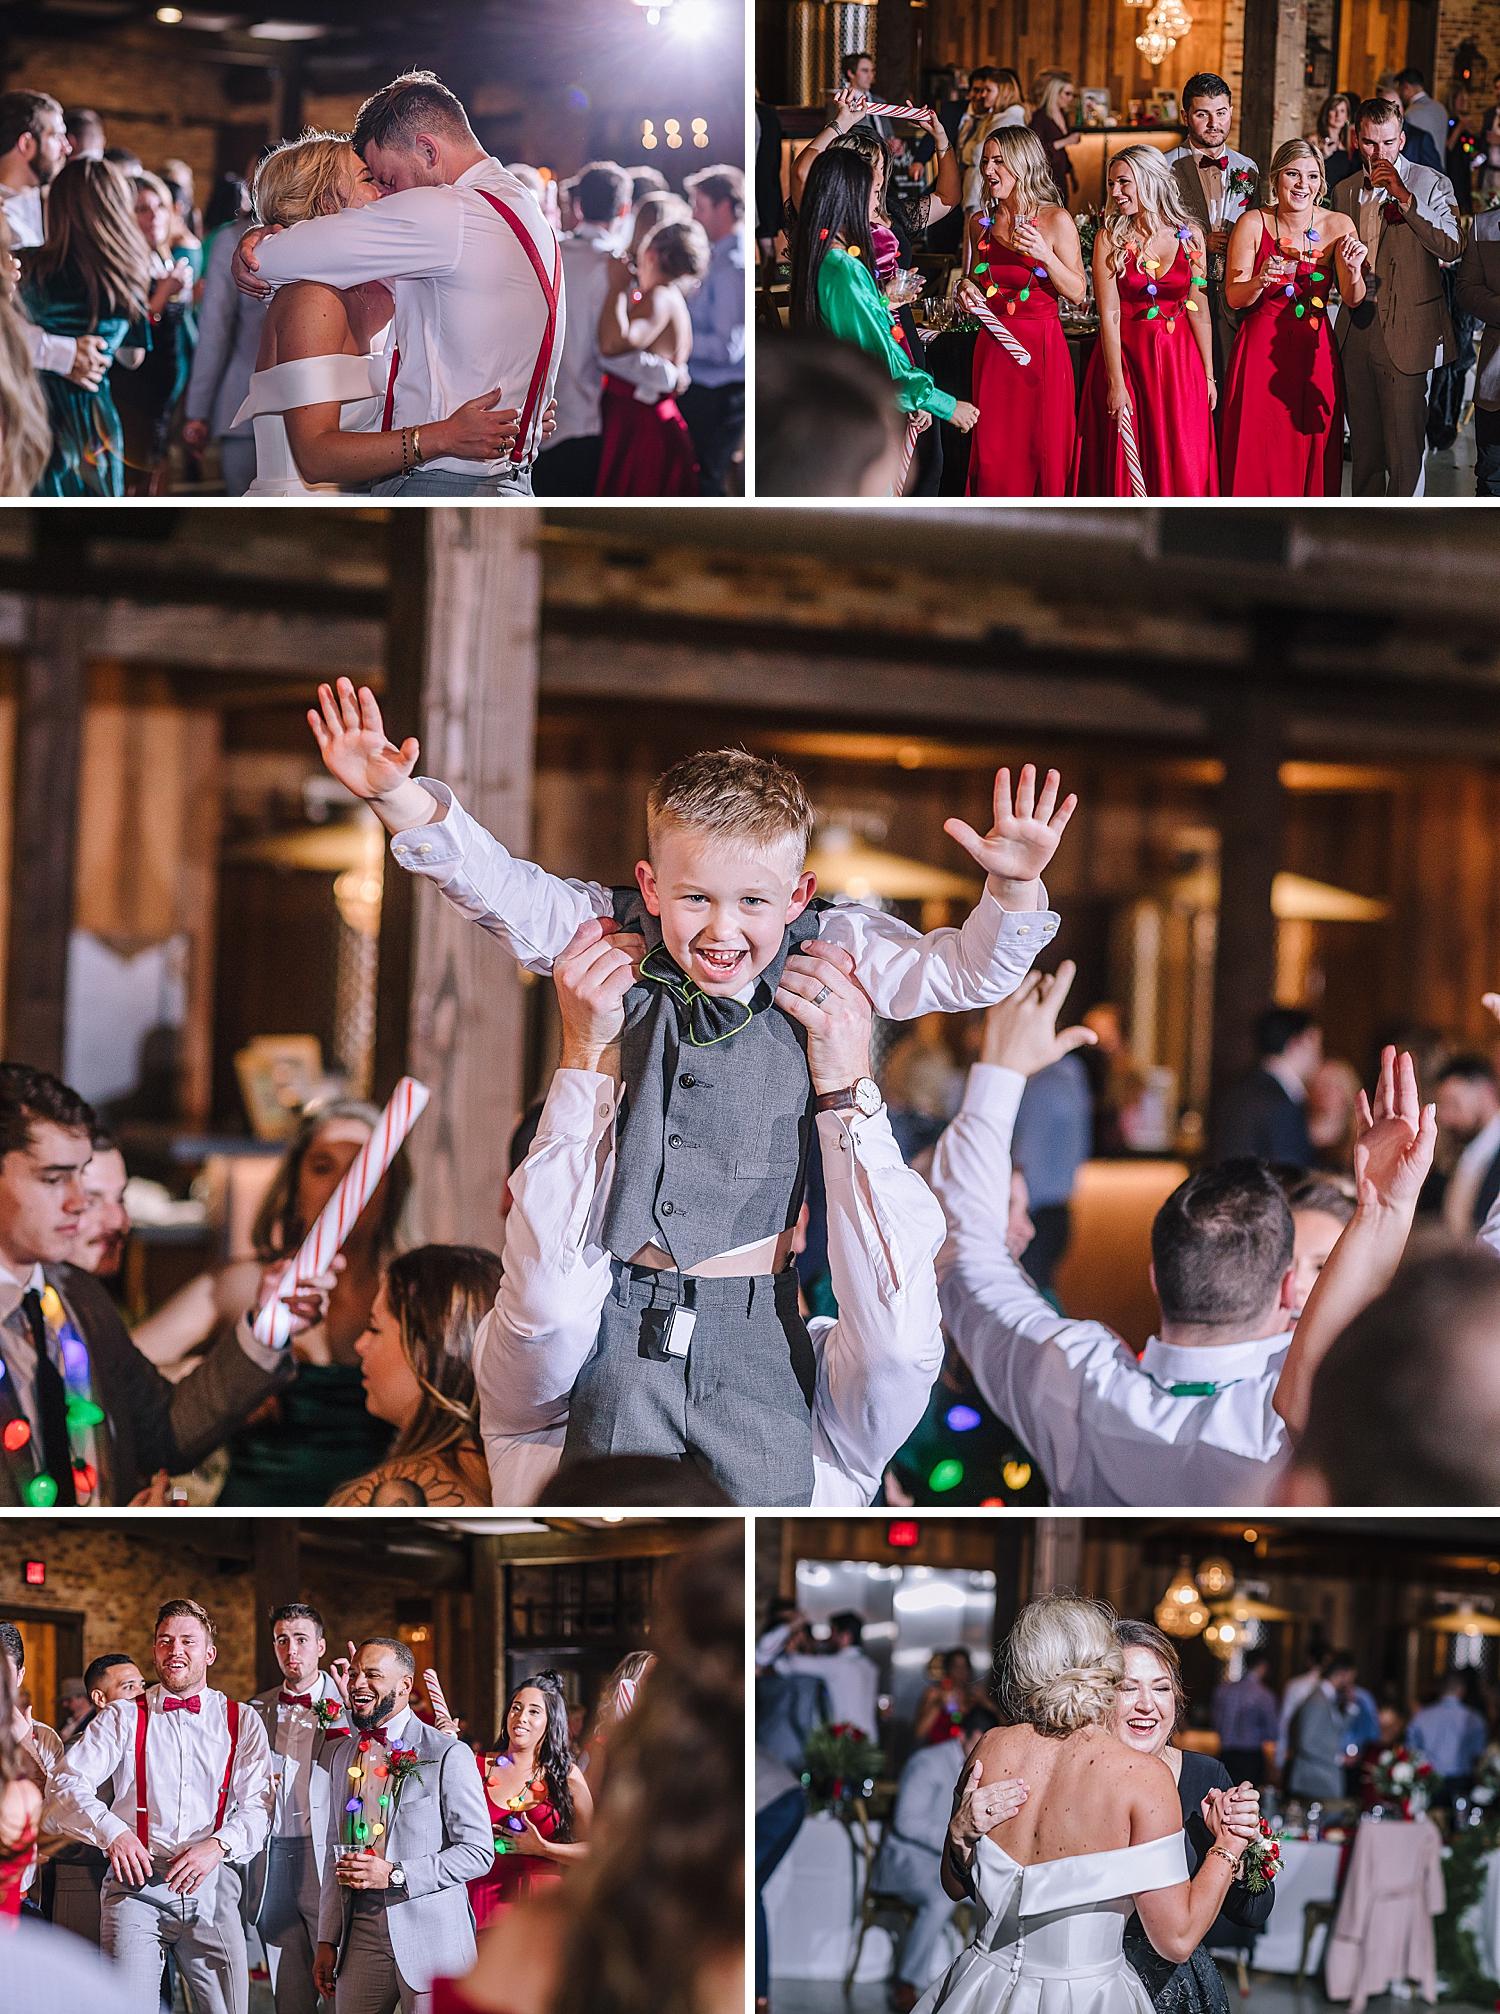 College-Station-Aggie-Wedding-The-Weinberg-at-Wixon-Valley-Christmas-Hallmark-Wedding_0106.jpg